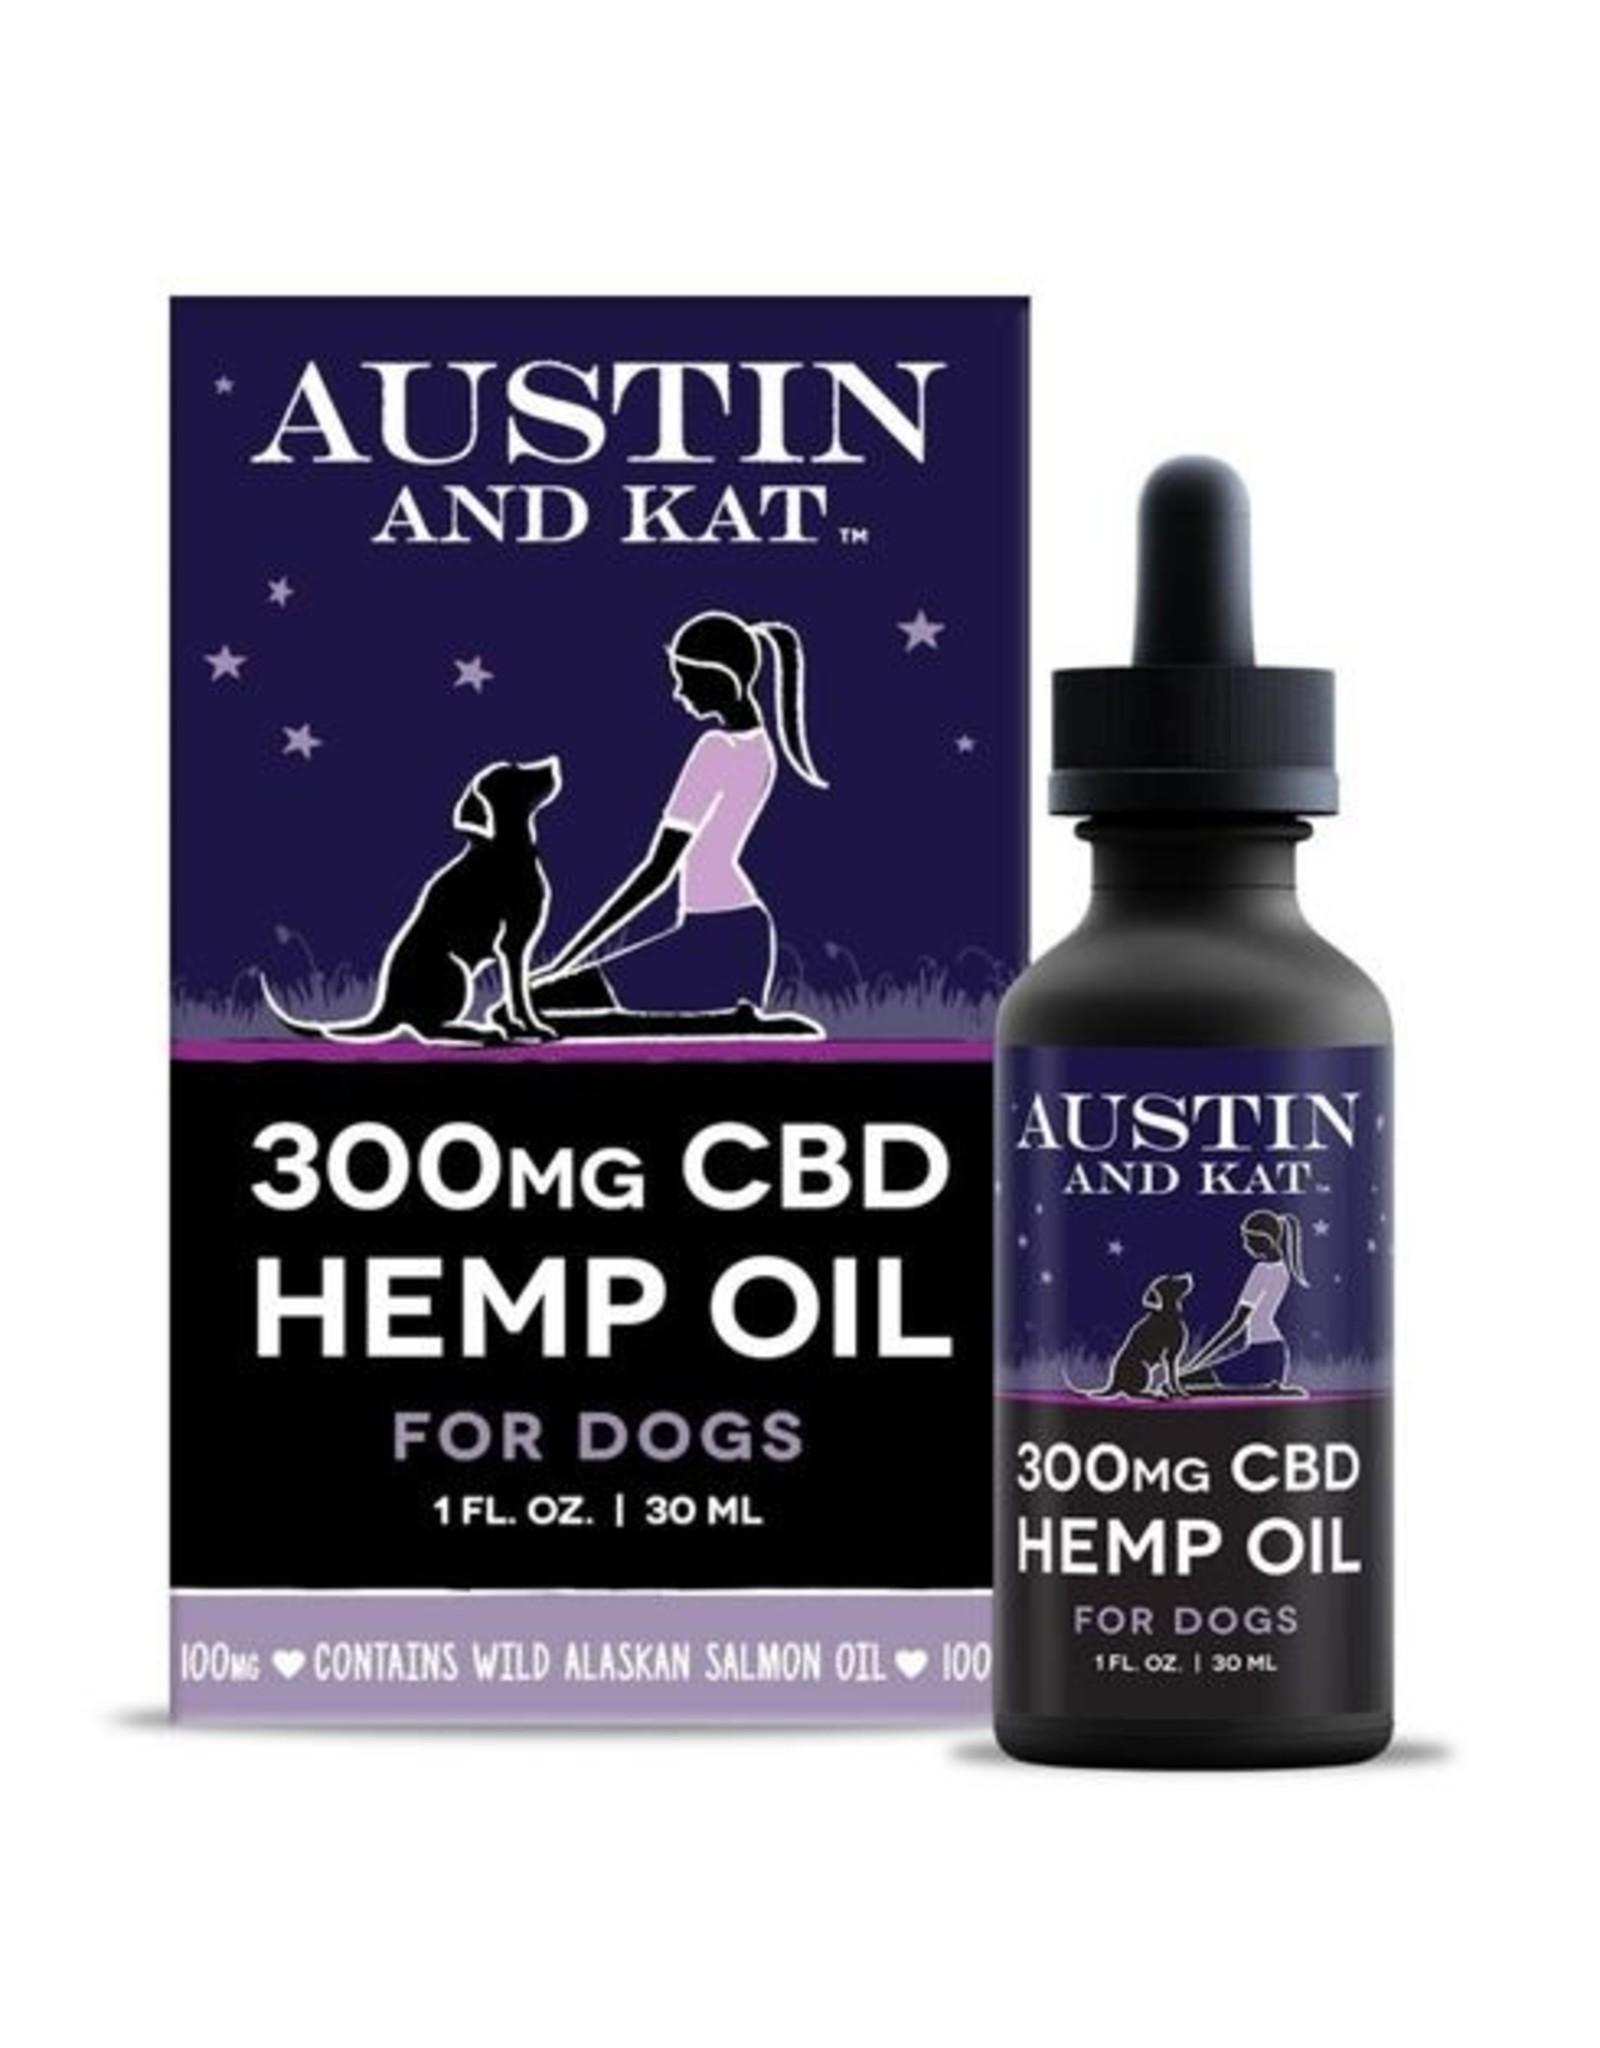 Austin and Kat Austin and Kat 300MG CBD Hemp Oil 1oz